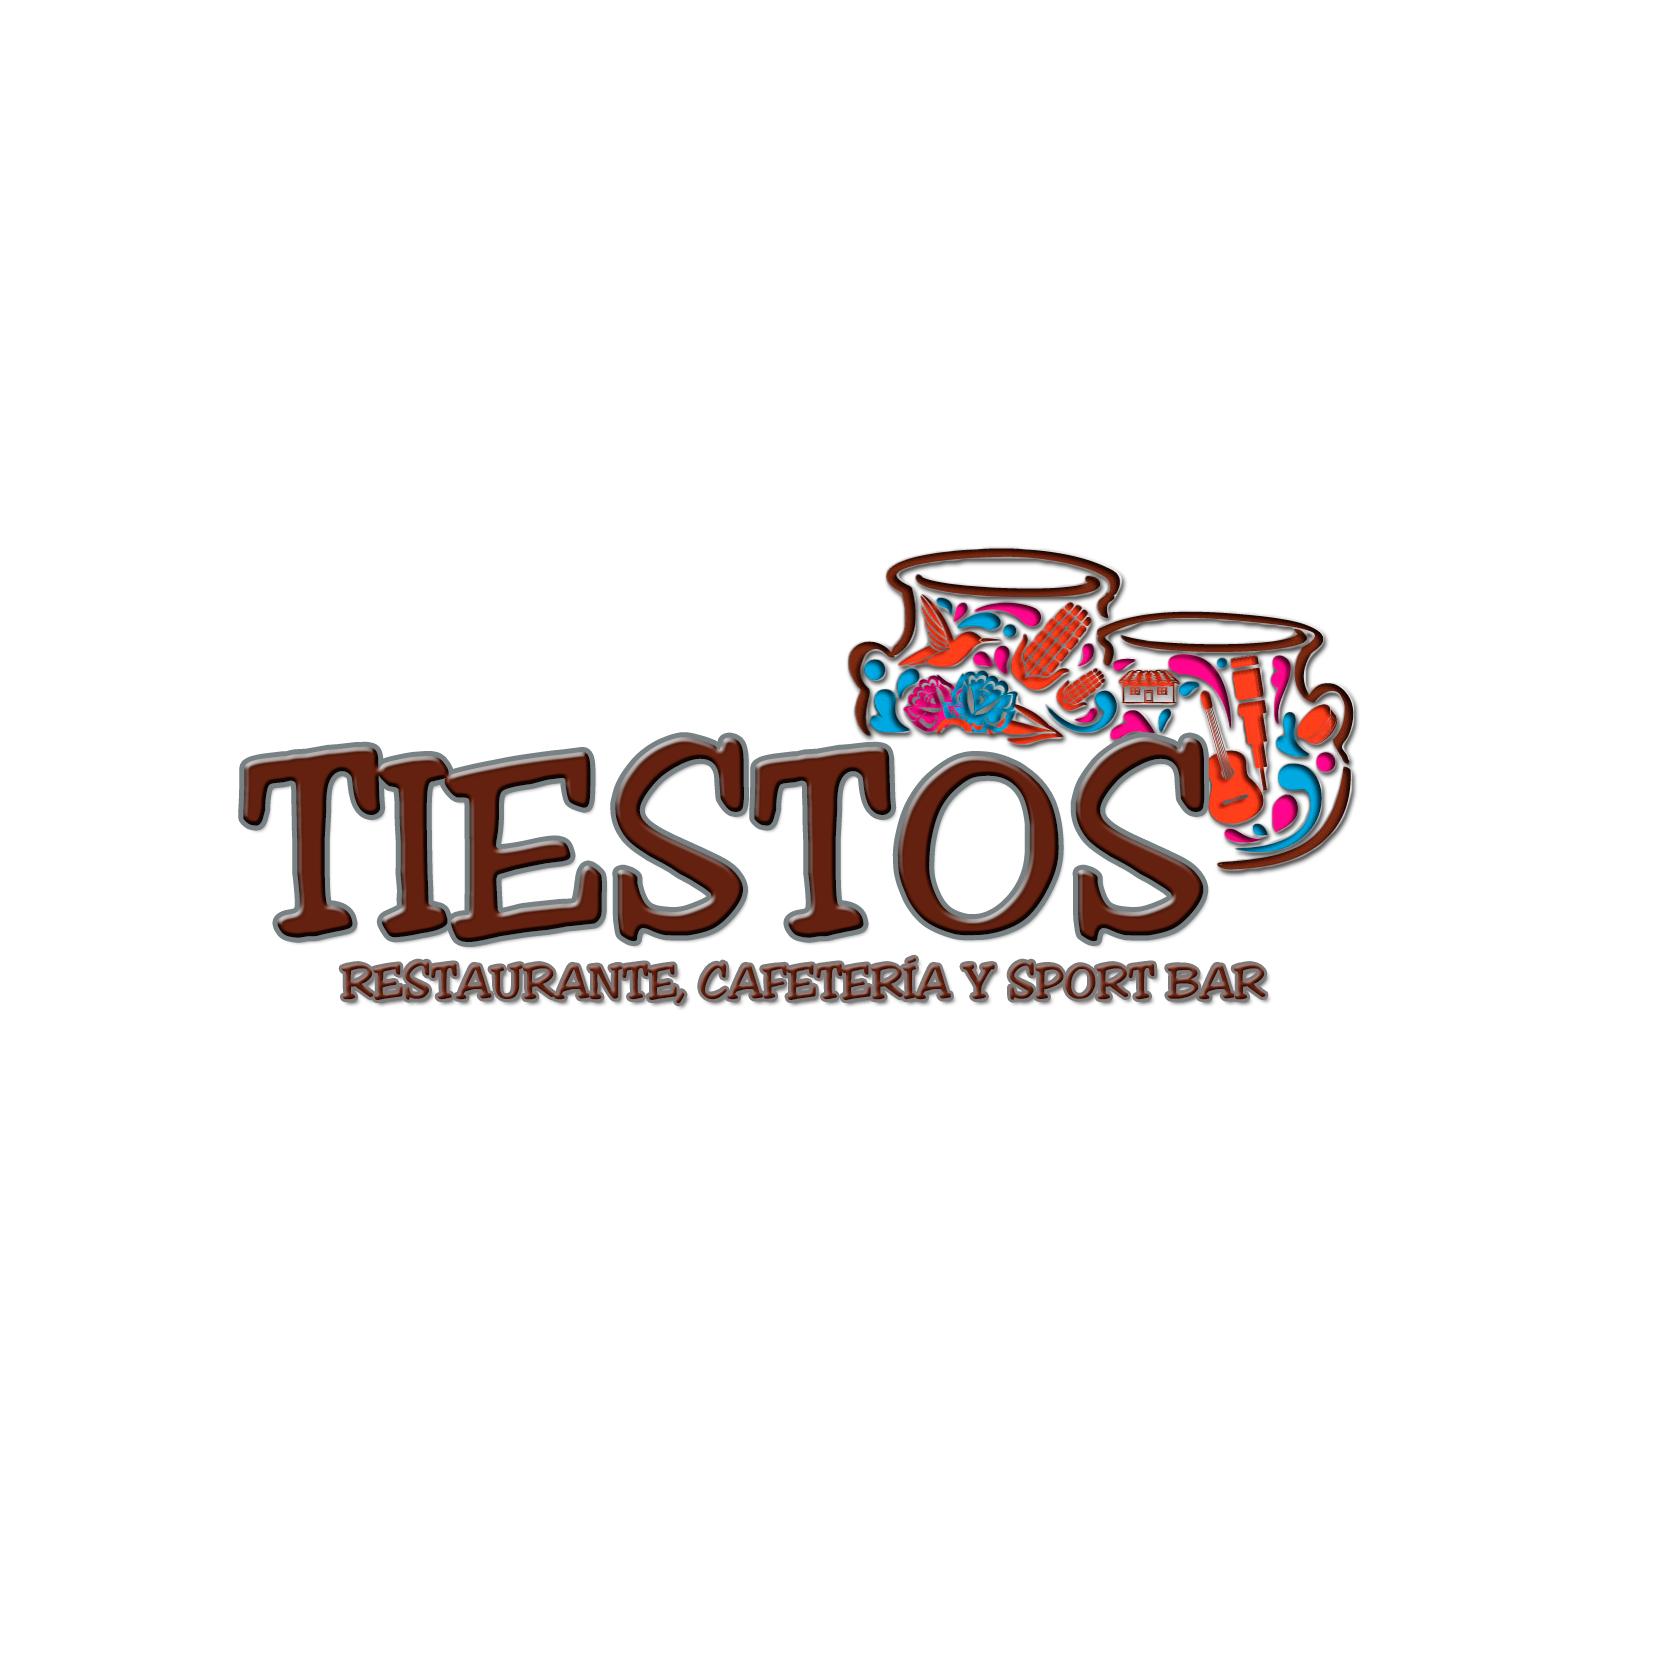 Tiestos  logo